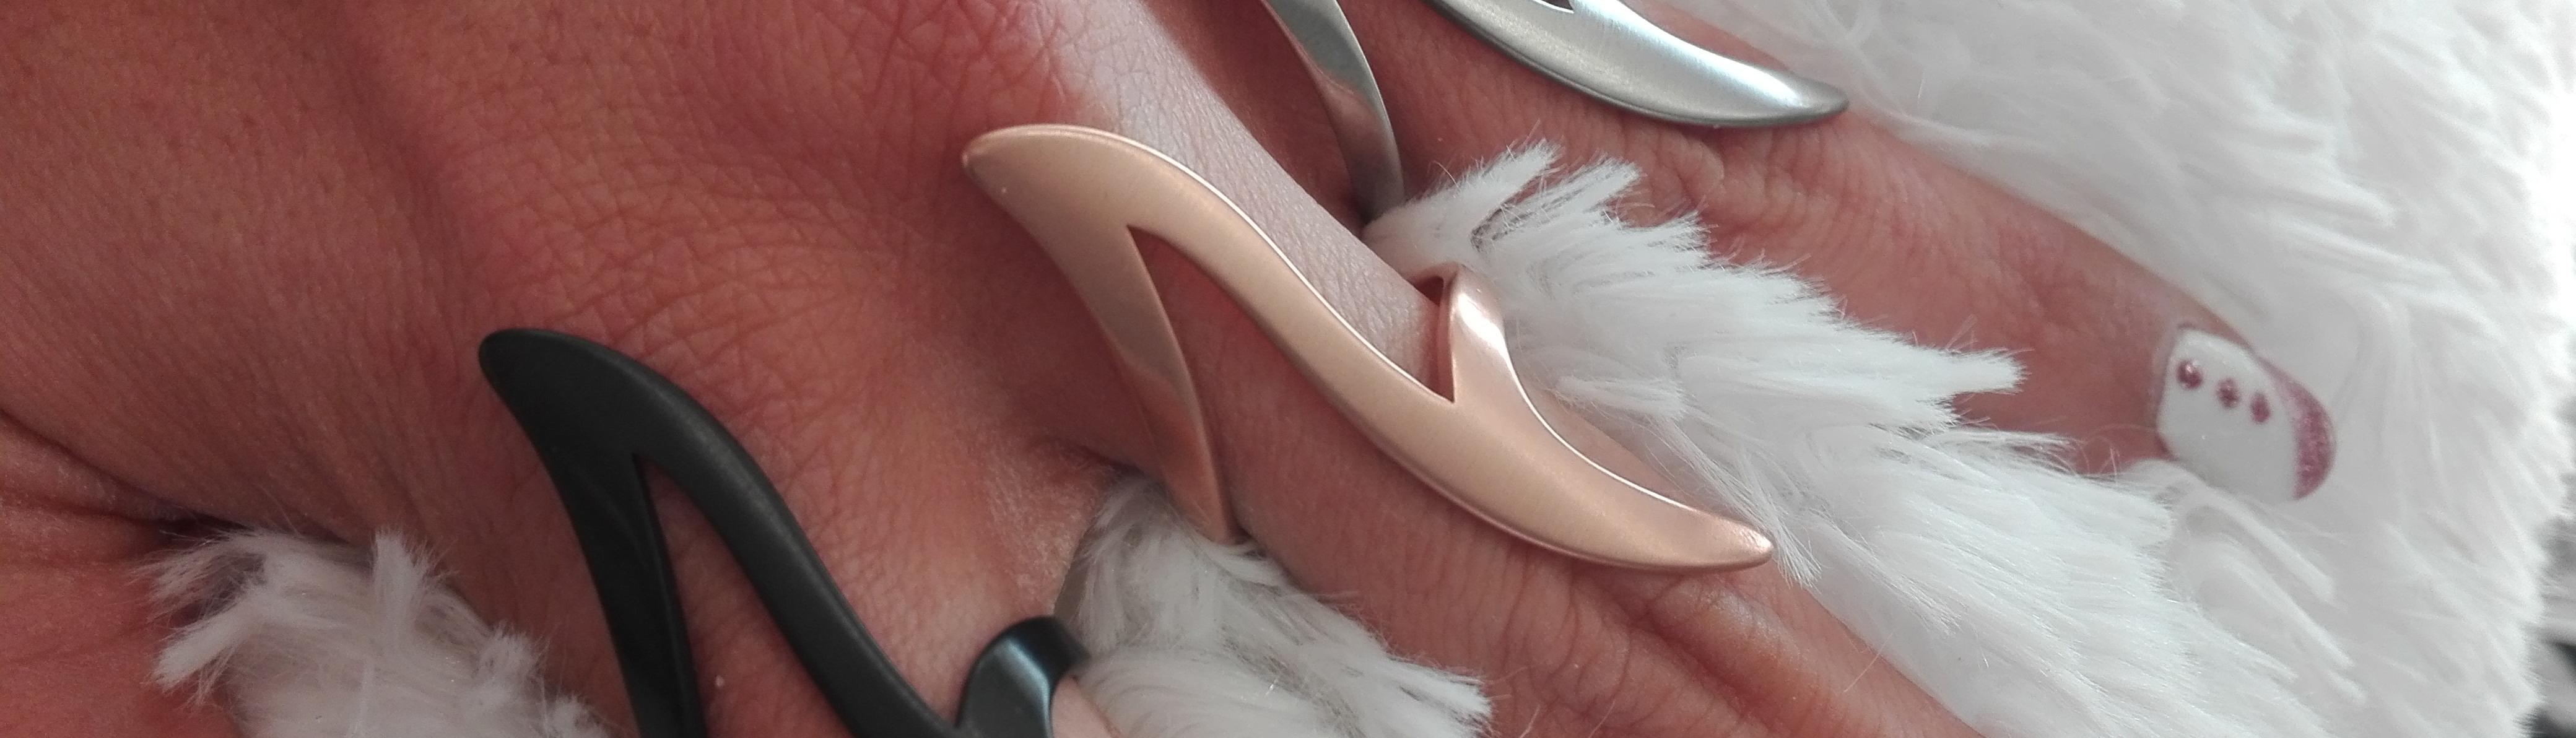 Γυναικείο κόσμημα & αξεσουάρ το απόλυτο μέσο ...αν θέλεις να εκτοξεύσεις τη θηλυκότητα σου!